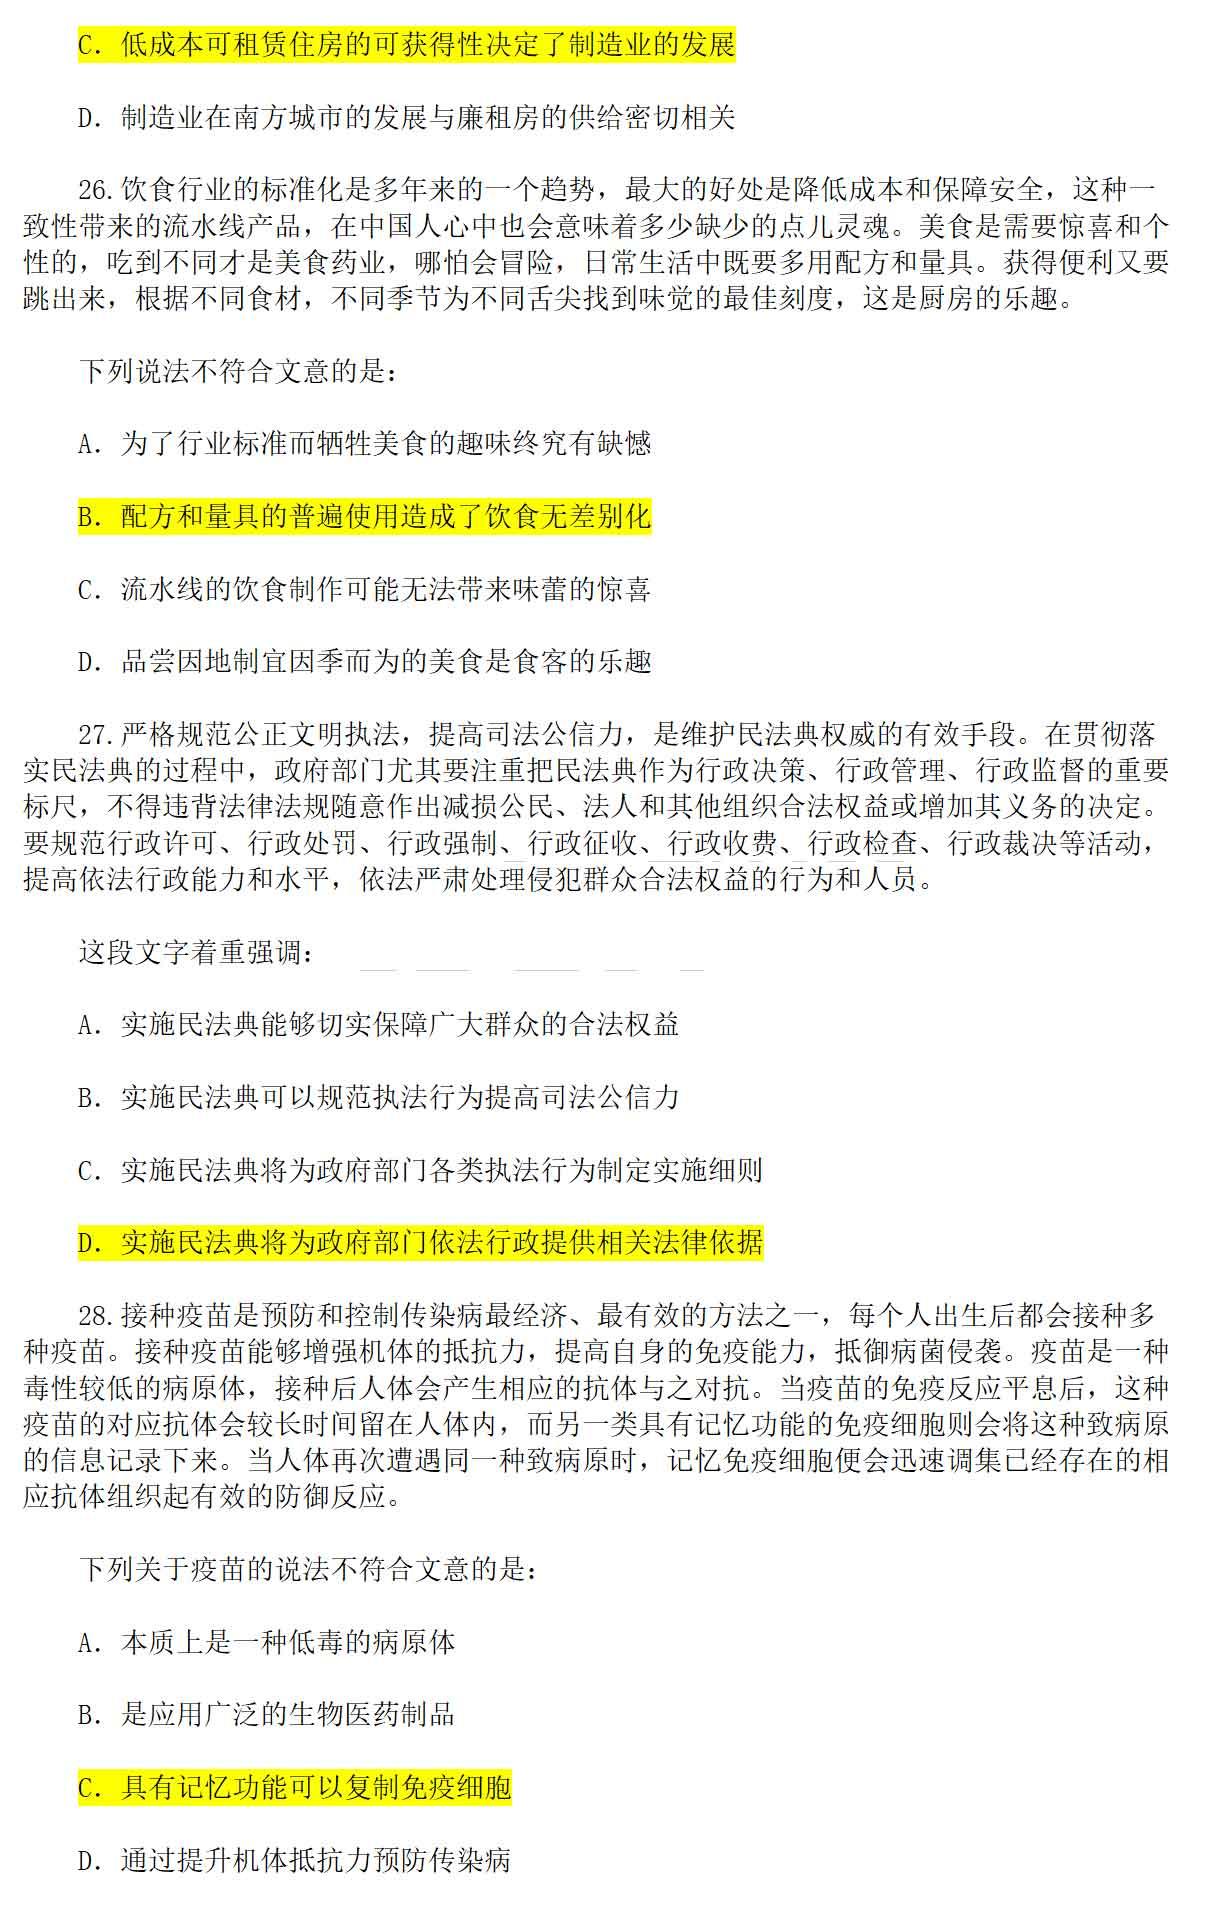 2021年江苏公务员考试行测试题及答案(A卷)